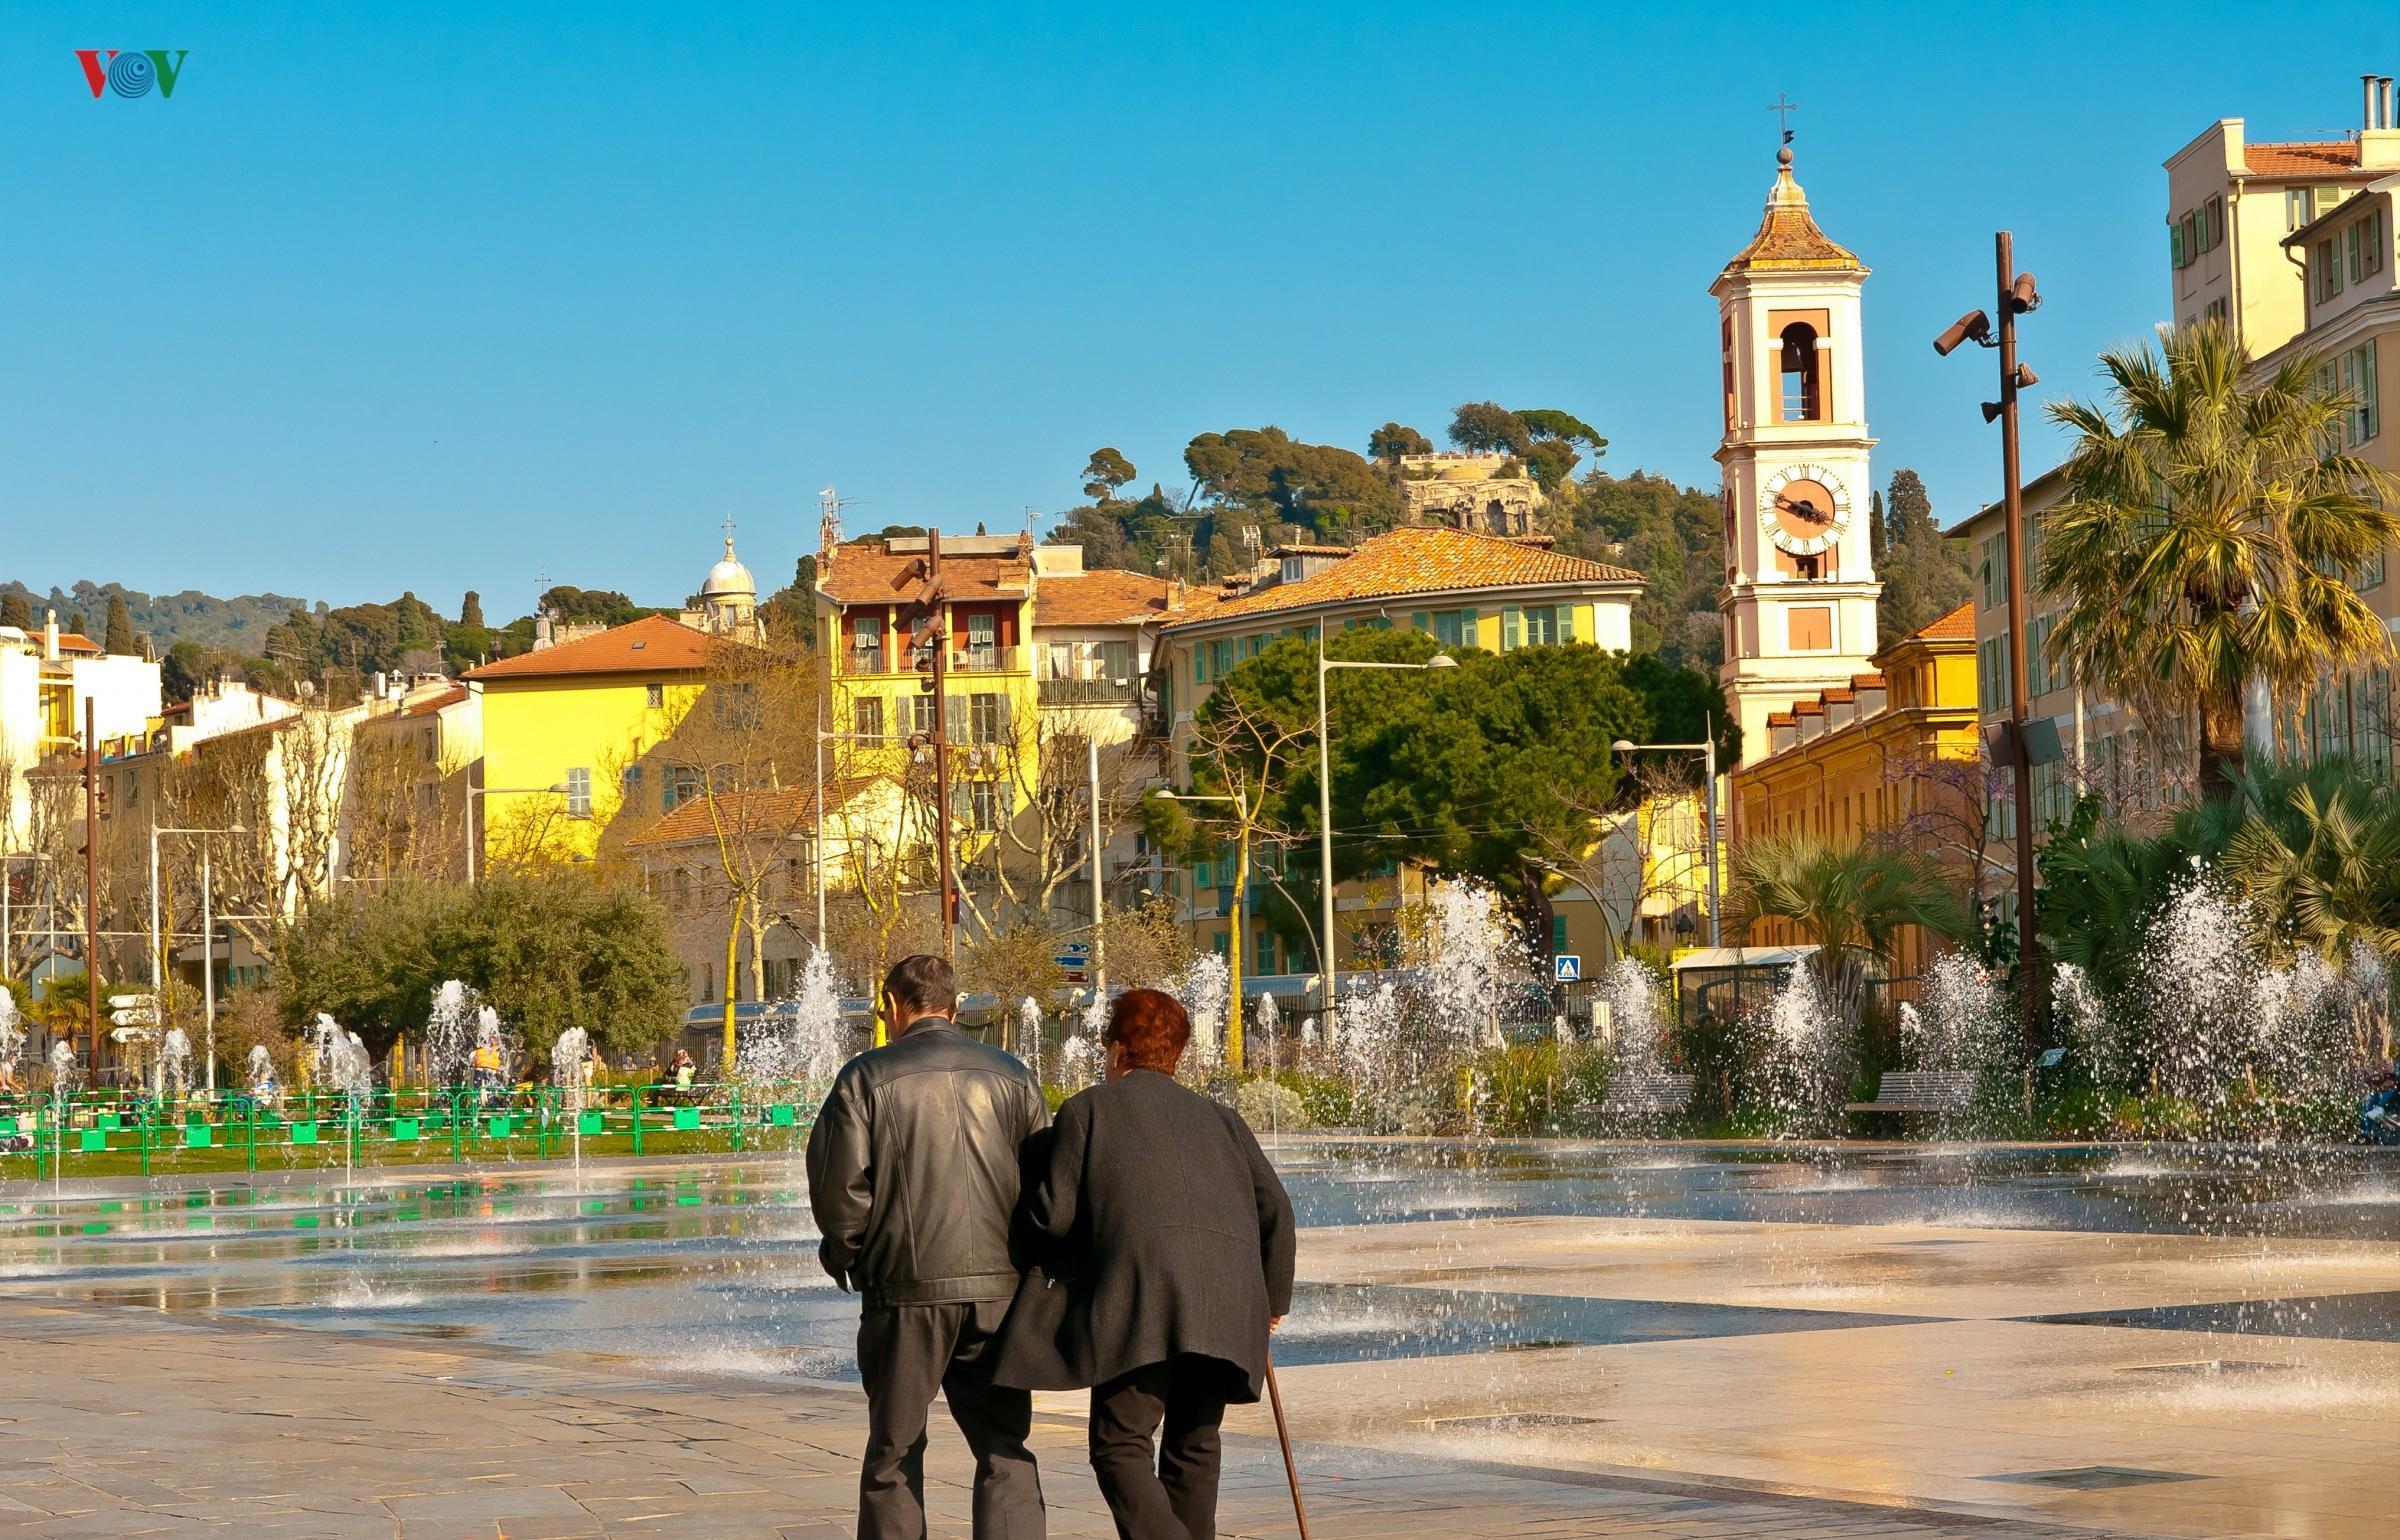 Khám phá Nice - thành phố biển quyến rũ nhất Địa Trung Hải Ảnh 27